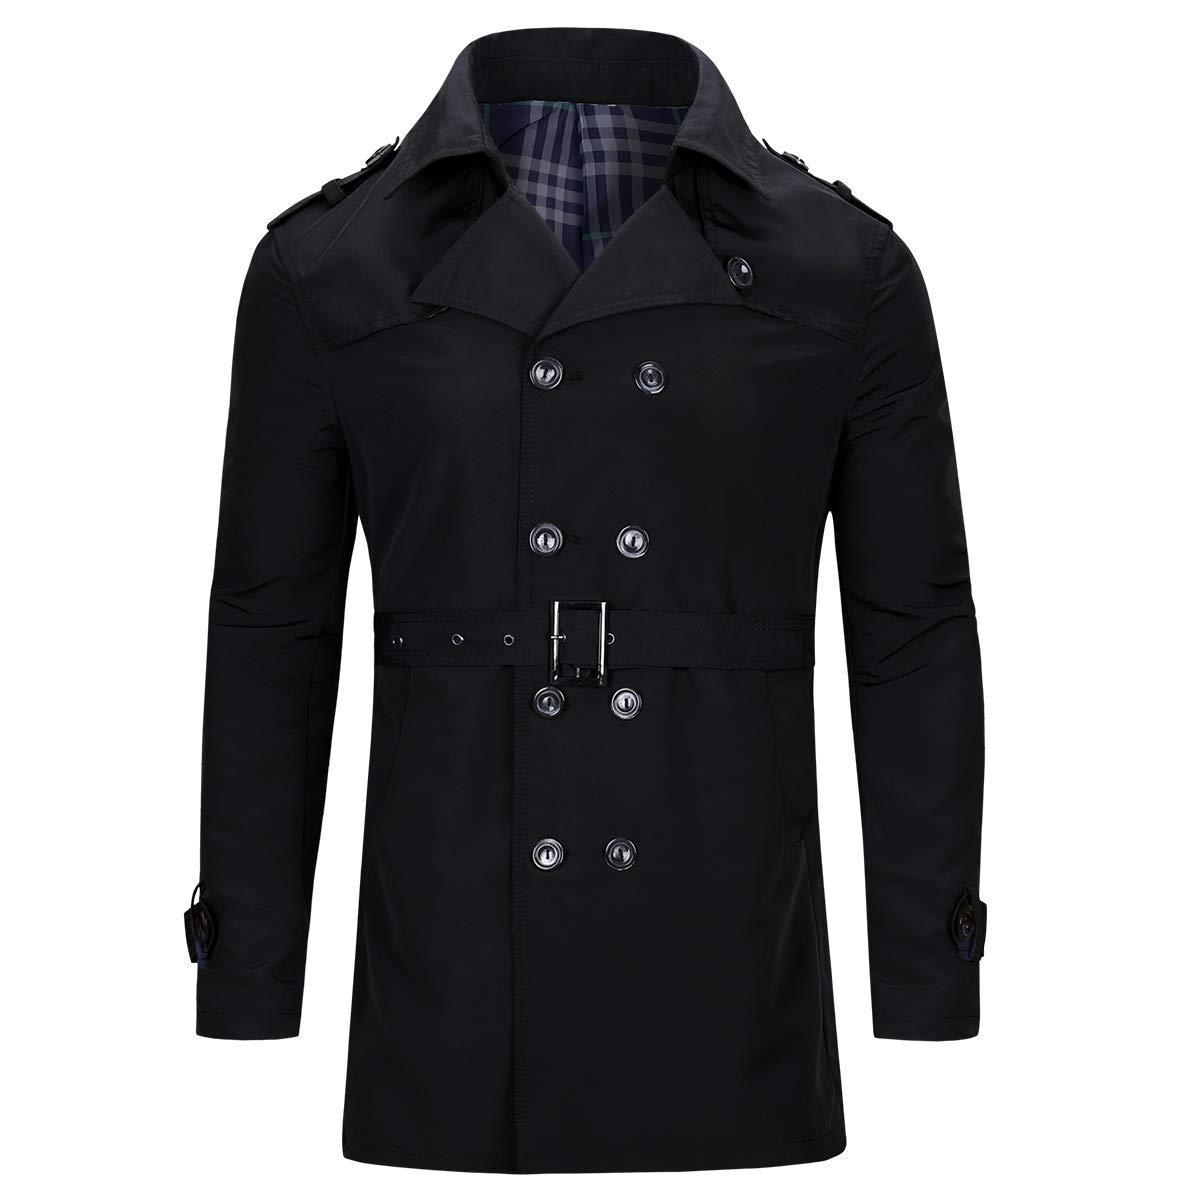 Allthemen Manteau Cois/é /à Double Boutonnage Style Mi-Long avec Ceinture